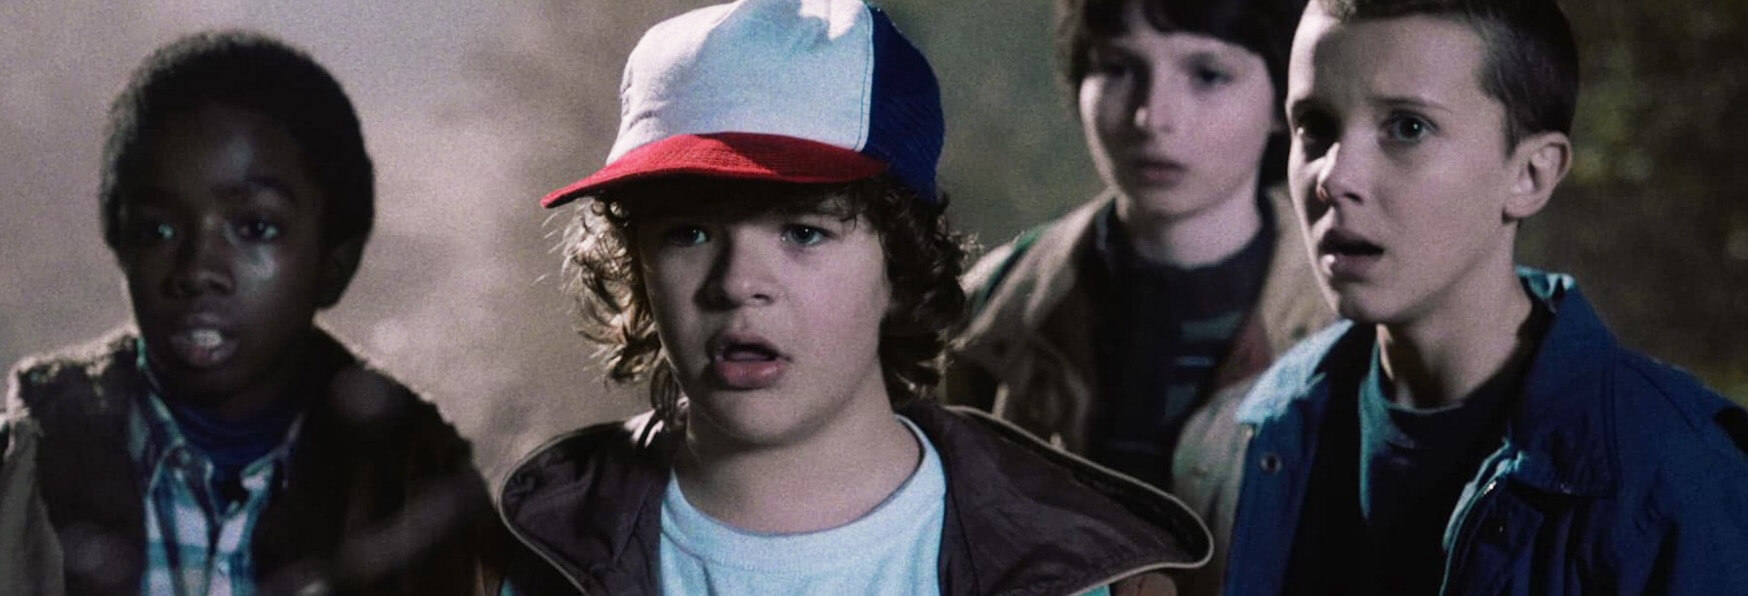 """Stranger Things 3: i Protagonisti crescono, in una Stagione ancora più """"dark"""""""